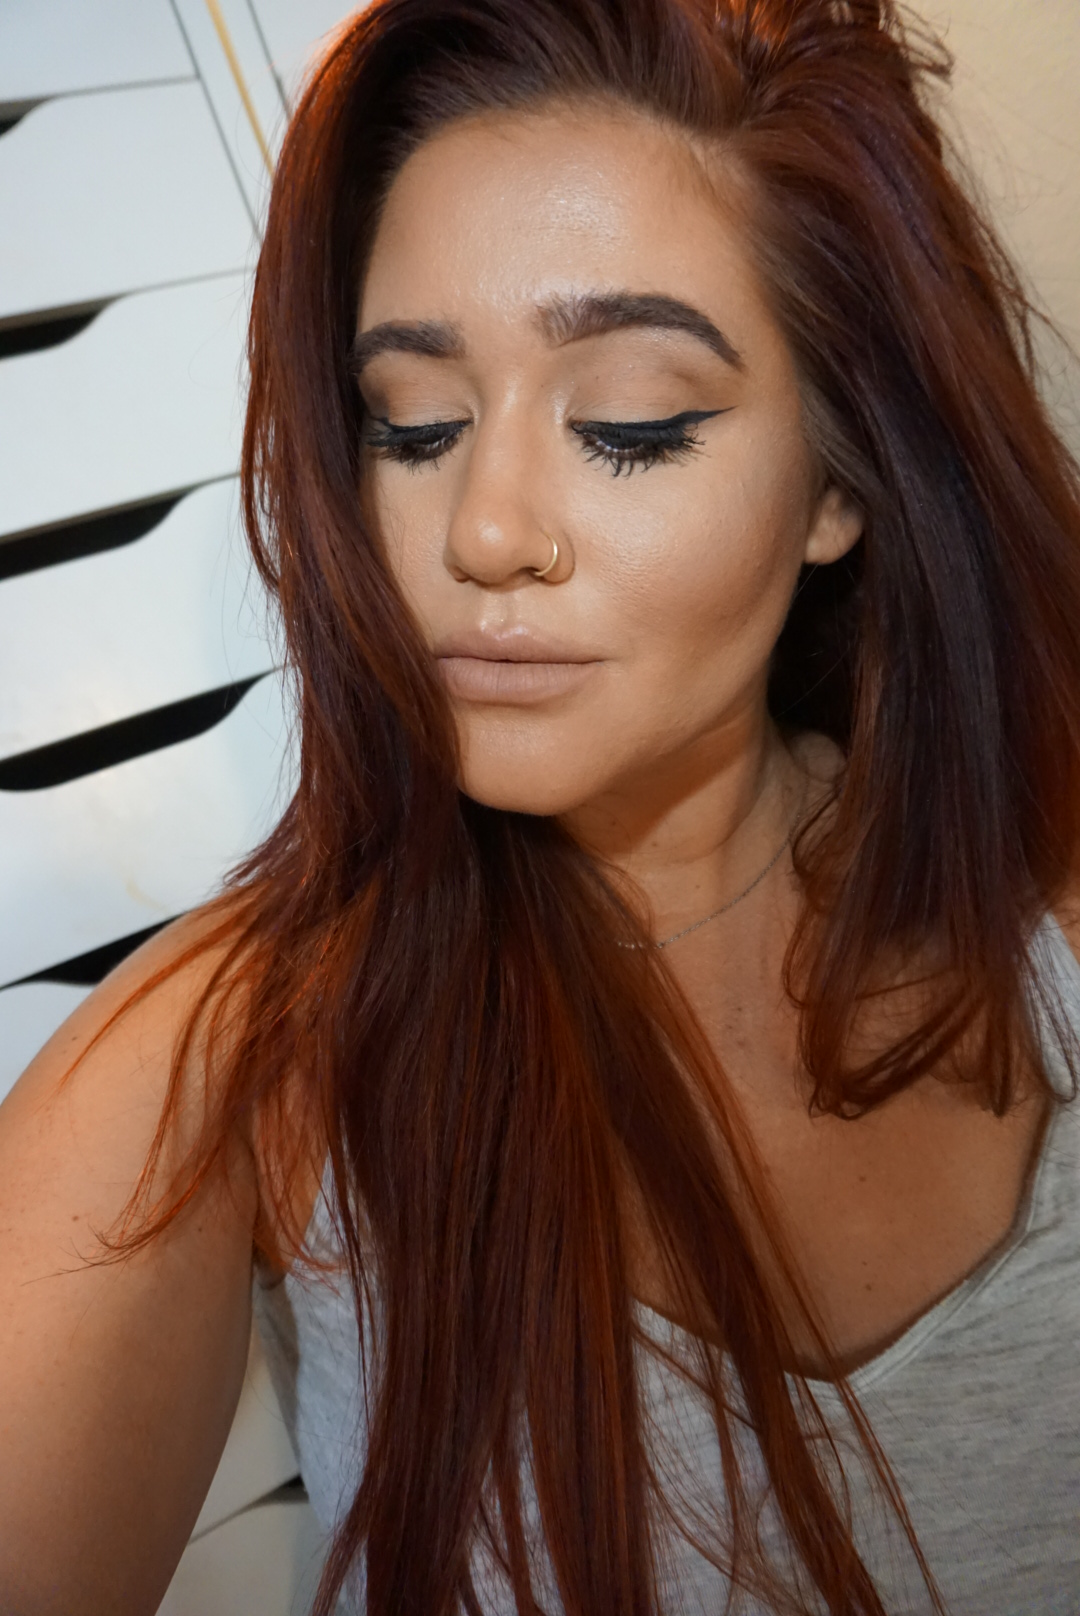 Lauren Conrad Inspired Simple Makeup Look